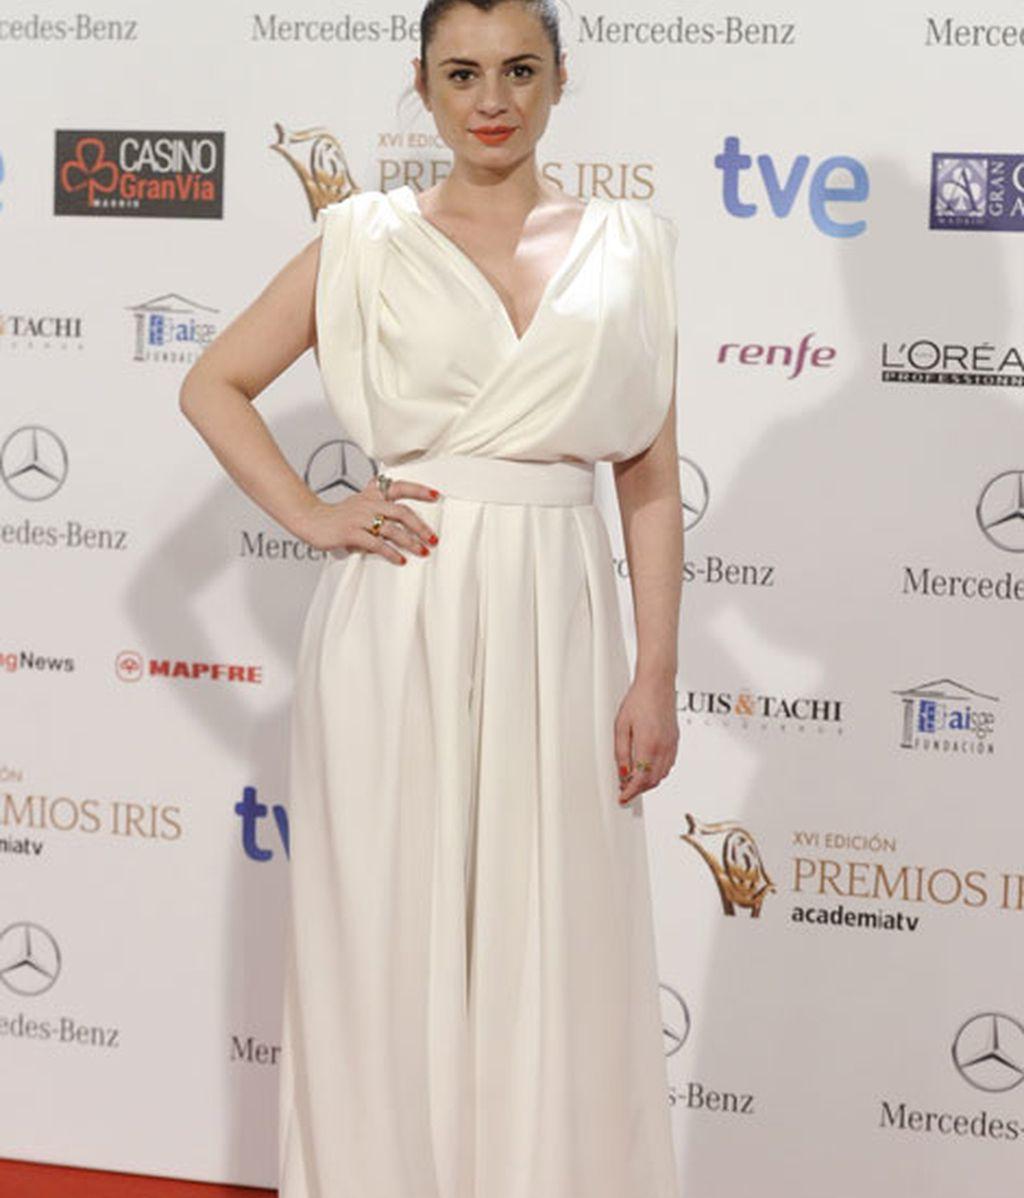 La actriz Miren Ibargueren fue otra de los asistentes a los premios